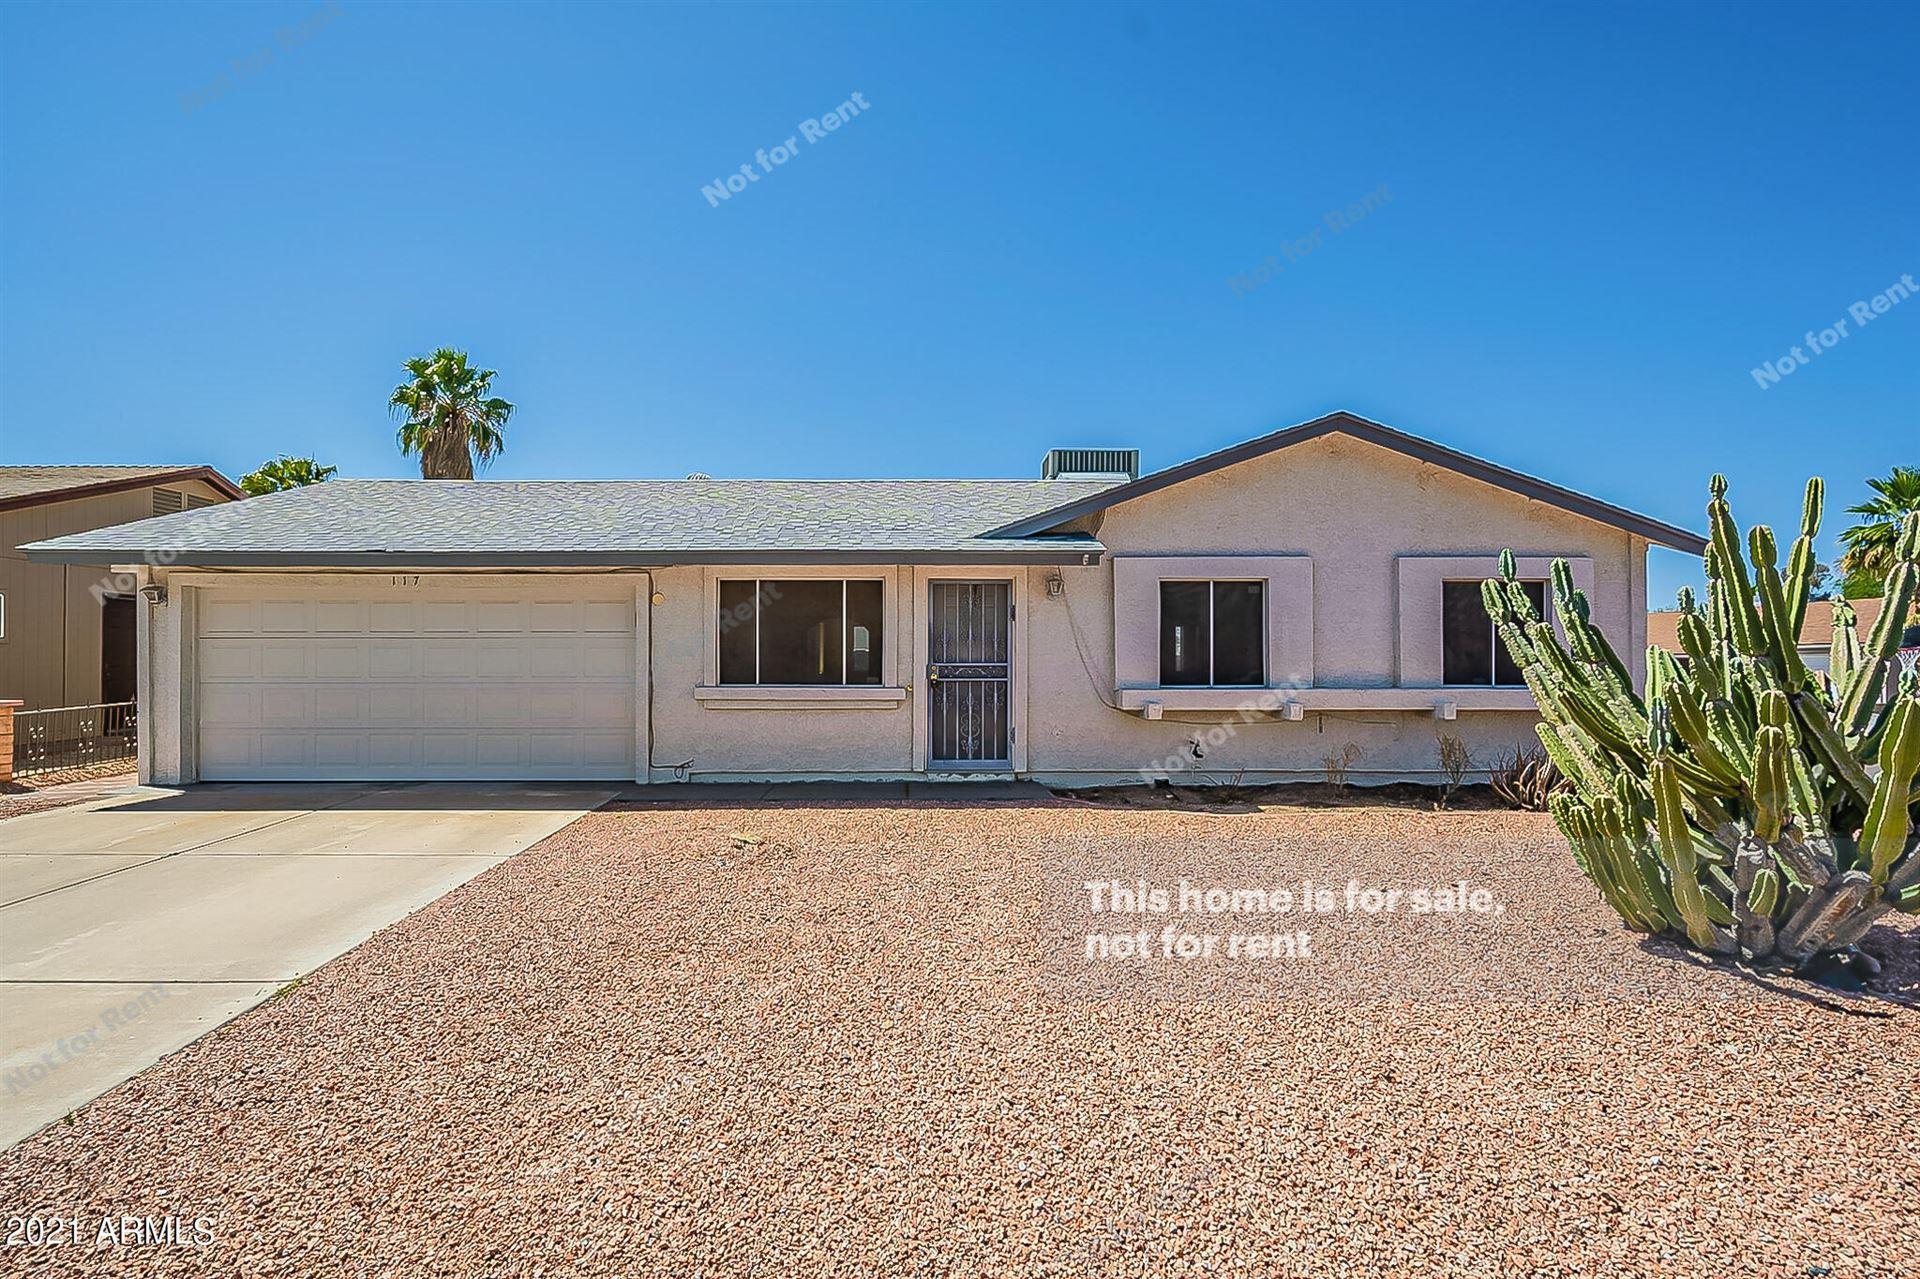 117 W KERRY Lane, Phoenix, AZ 85027 - MLS#: 6237056